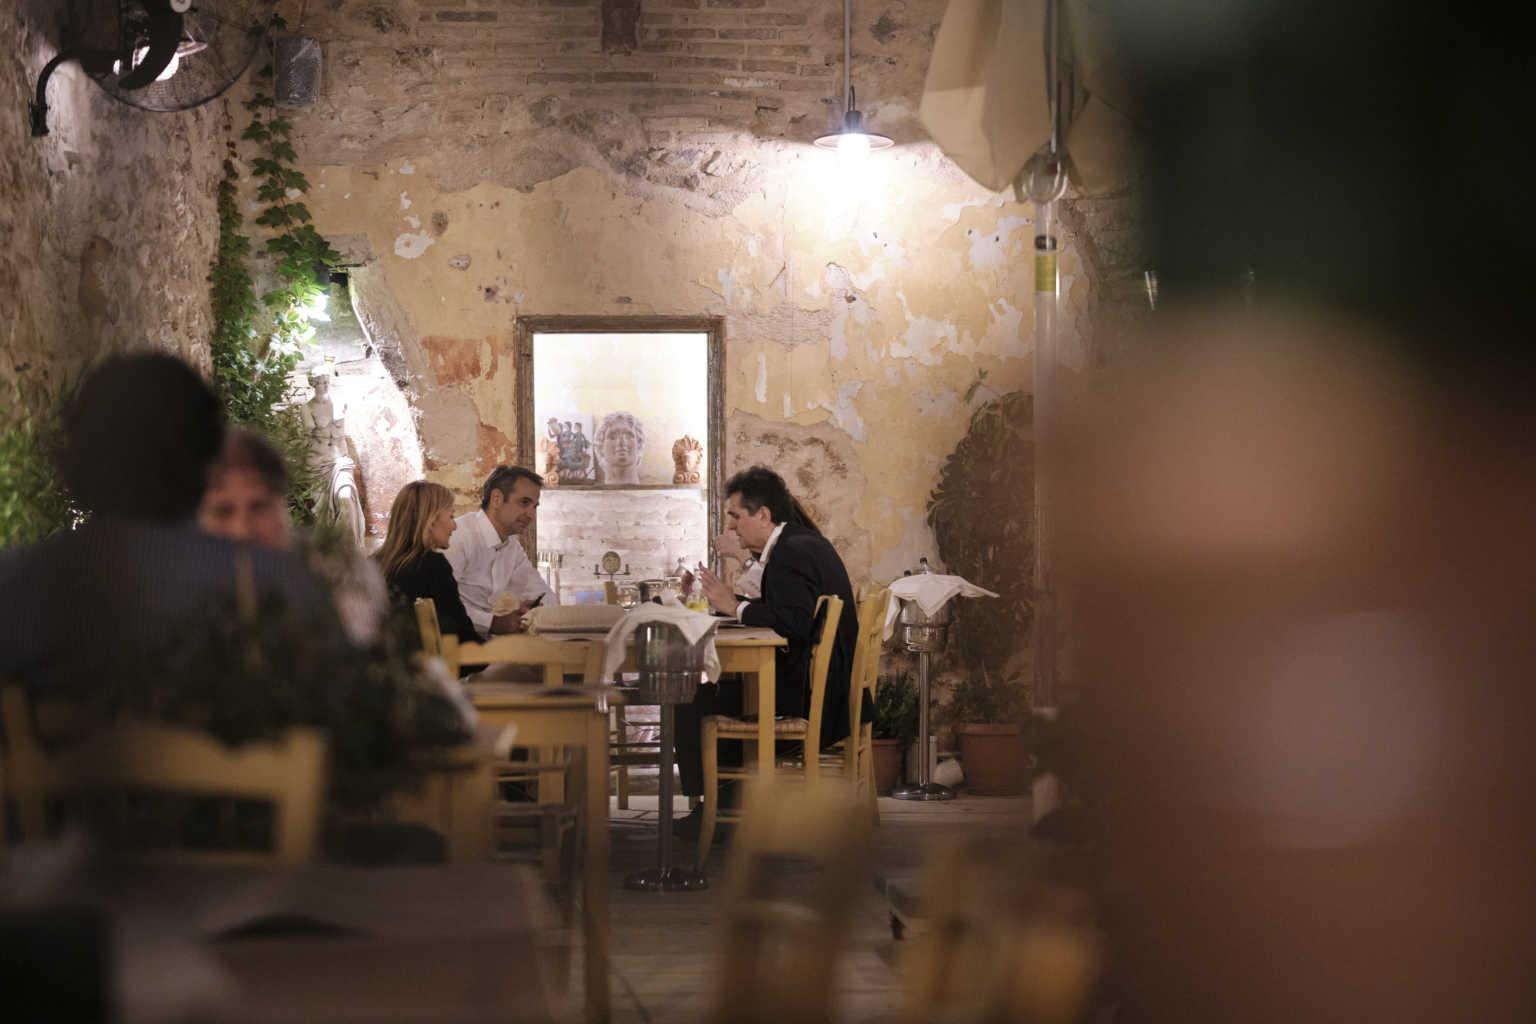 taverna_mitso_sake_0807_1-1536x1024